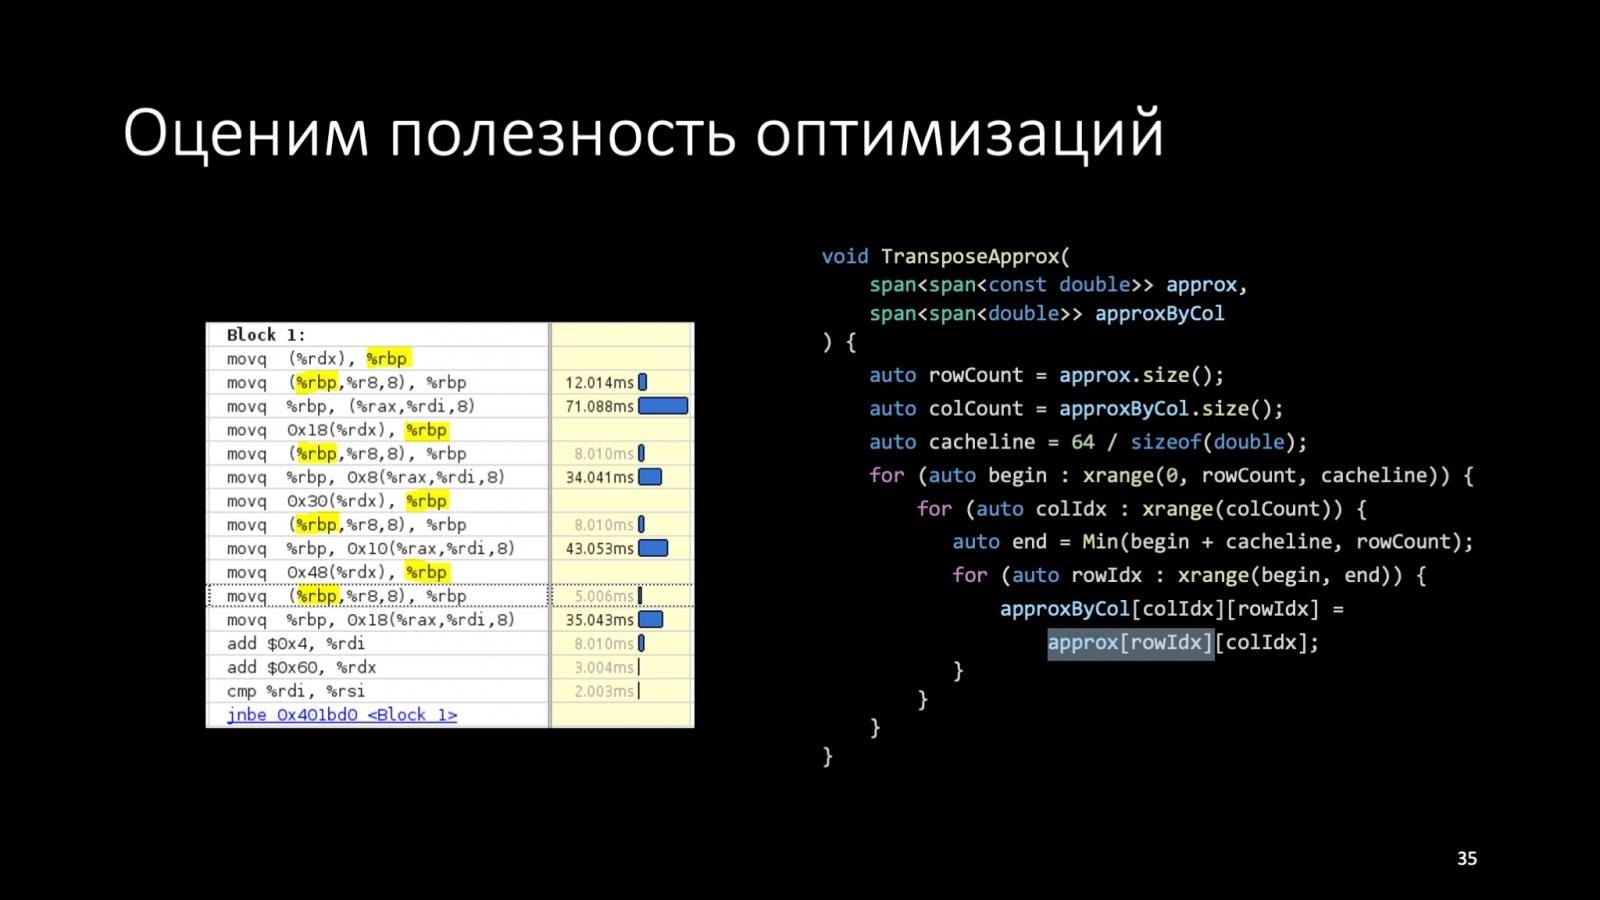 Оптимизация C++: совмещаем скорость и высокий уровень. Доклад Яндекса - 38